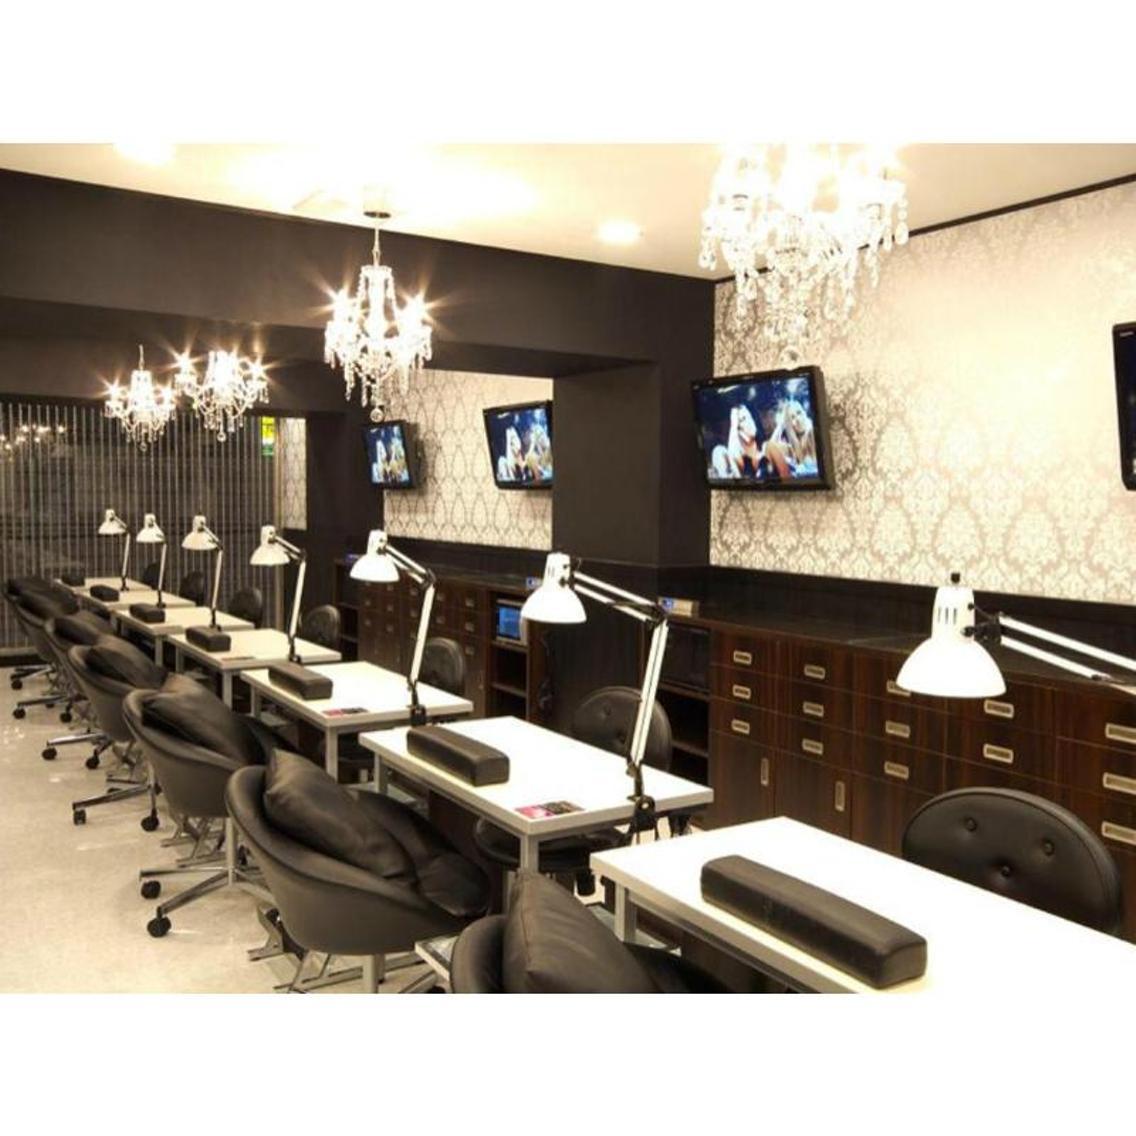 Beauty Salon STYLE 三宮店のネイルサロン・スタッフ情報 STYLE ネイリスト2 minimo(ミニモ)